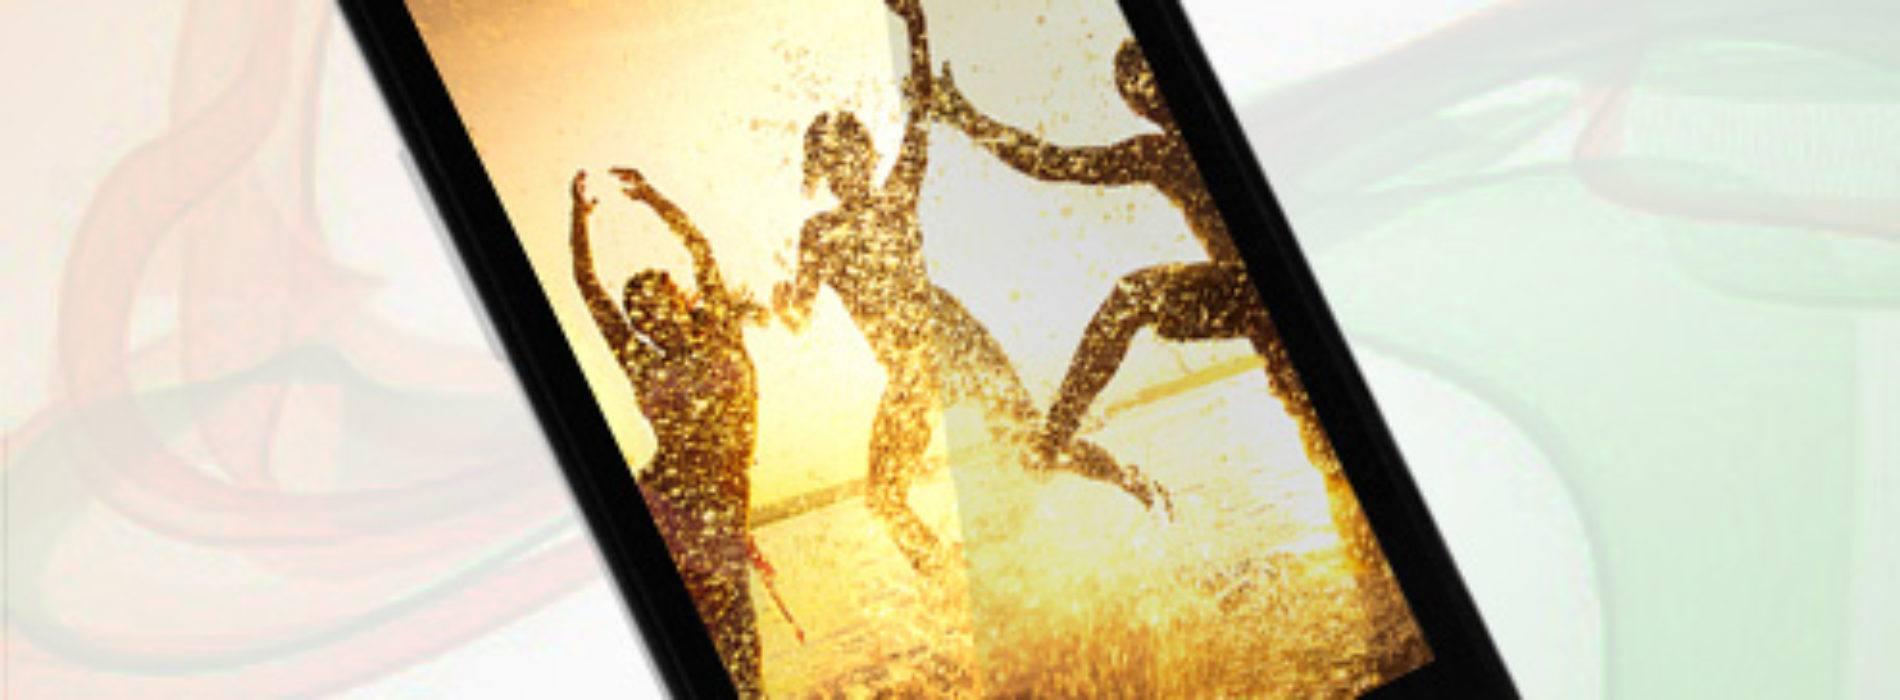 El smartphone más barato del mundo cuesta $4